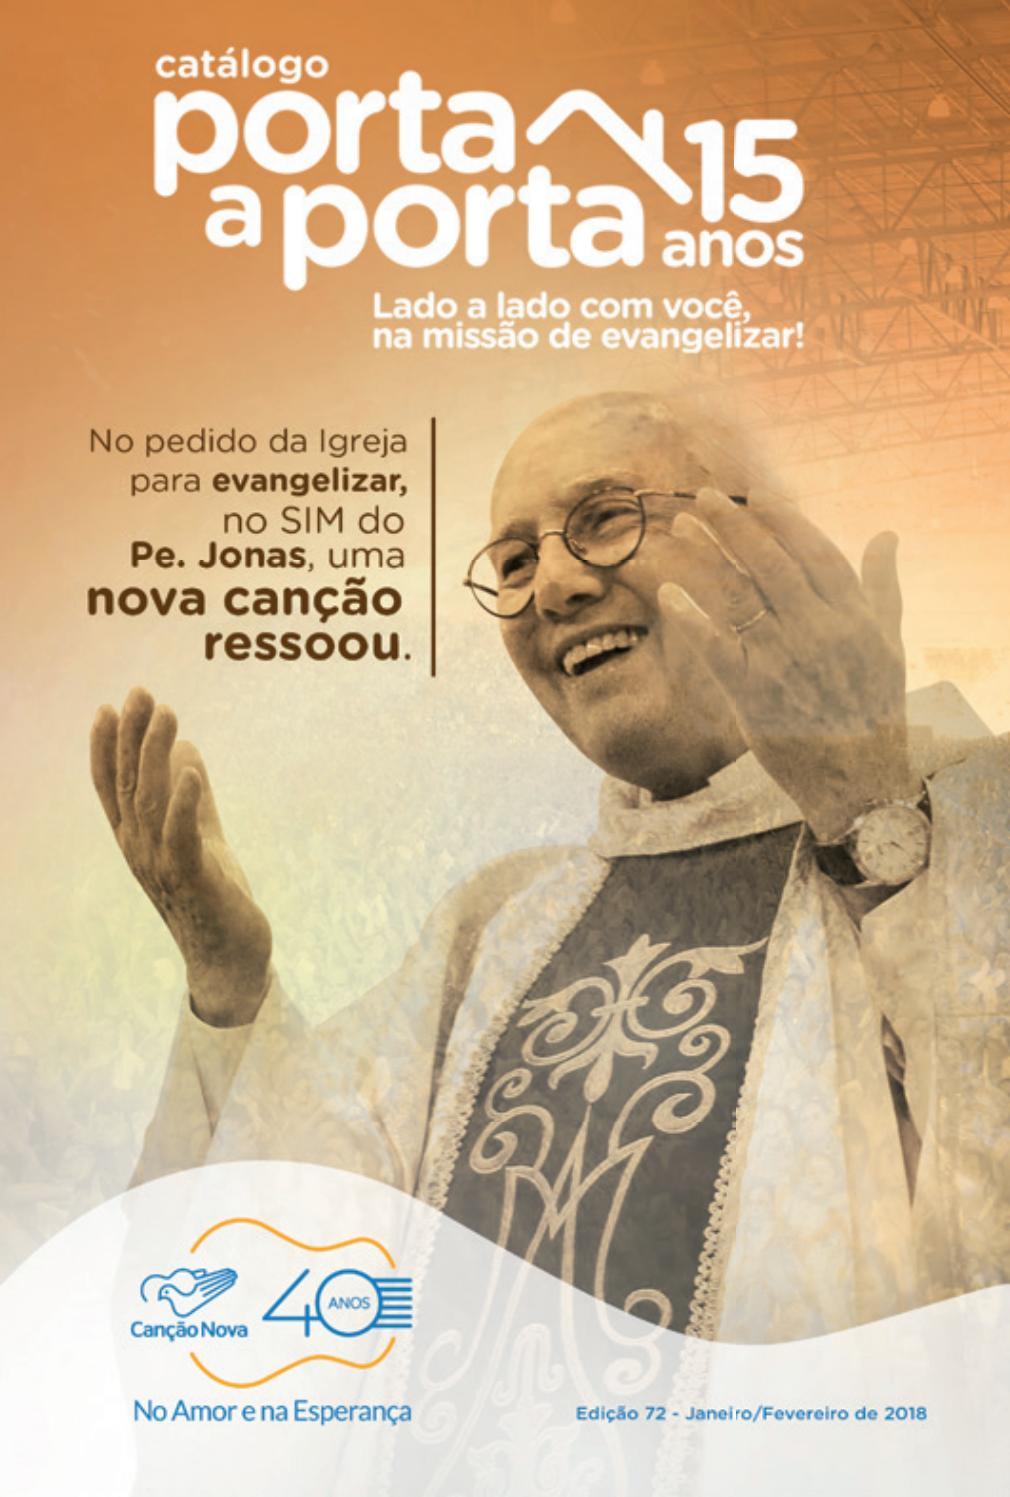 GRÁTIS ILUMINAR DE CD PADRE NOVO DOWNLOAD MELO DO FABIO